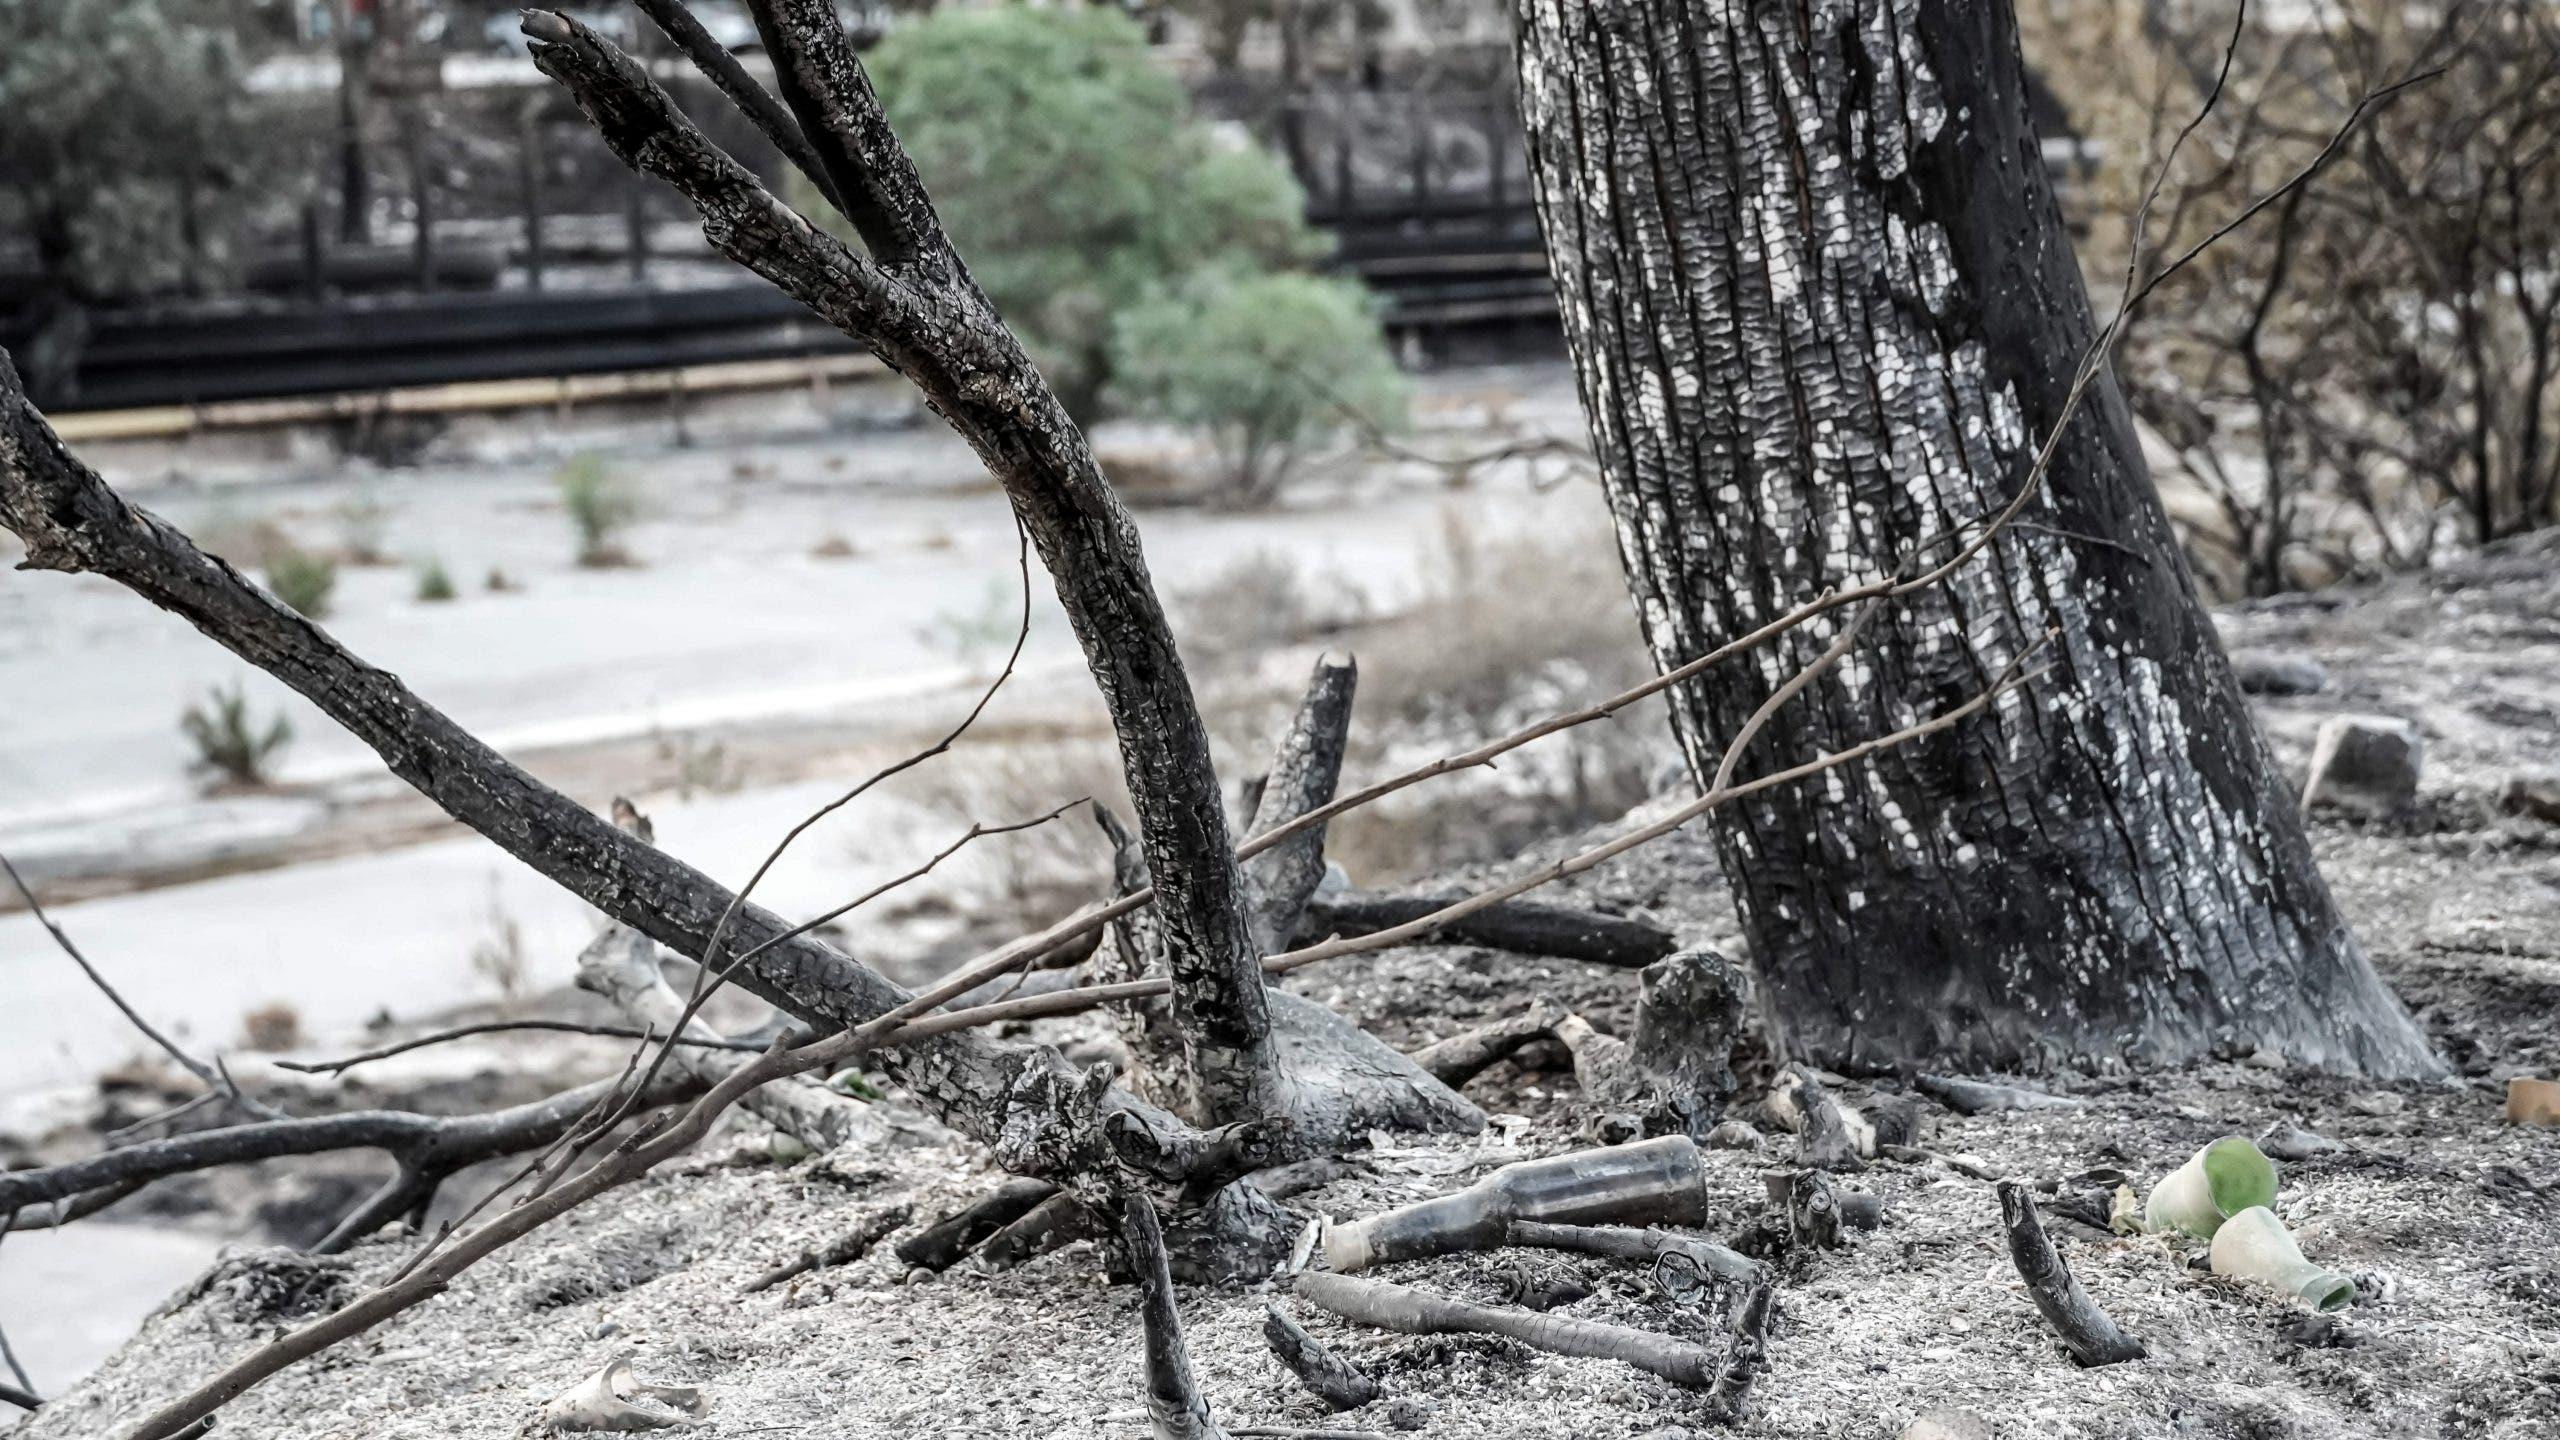 Turkey: Wildfires In Milas